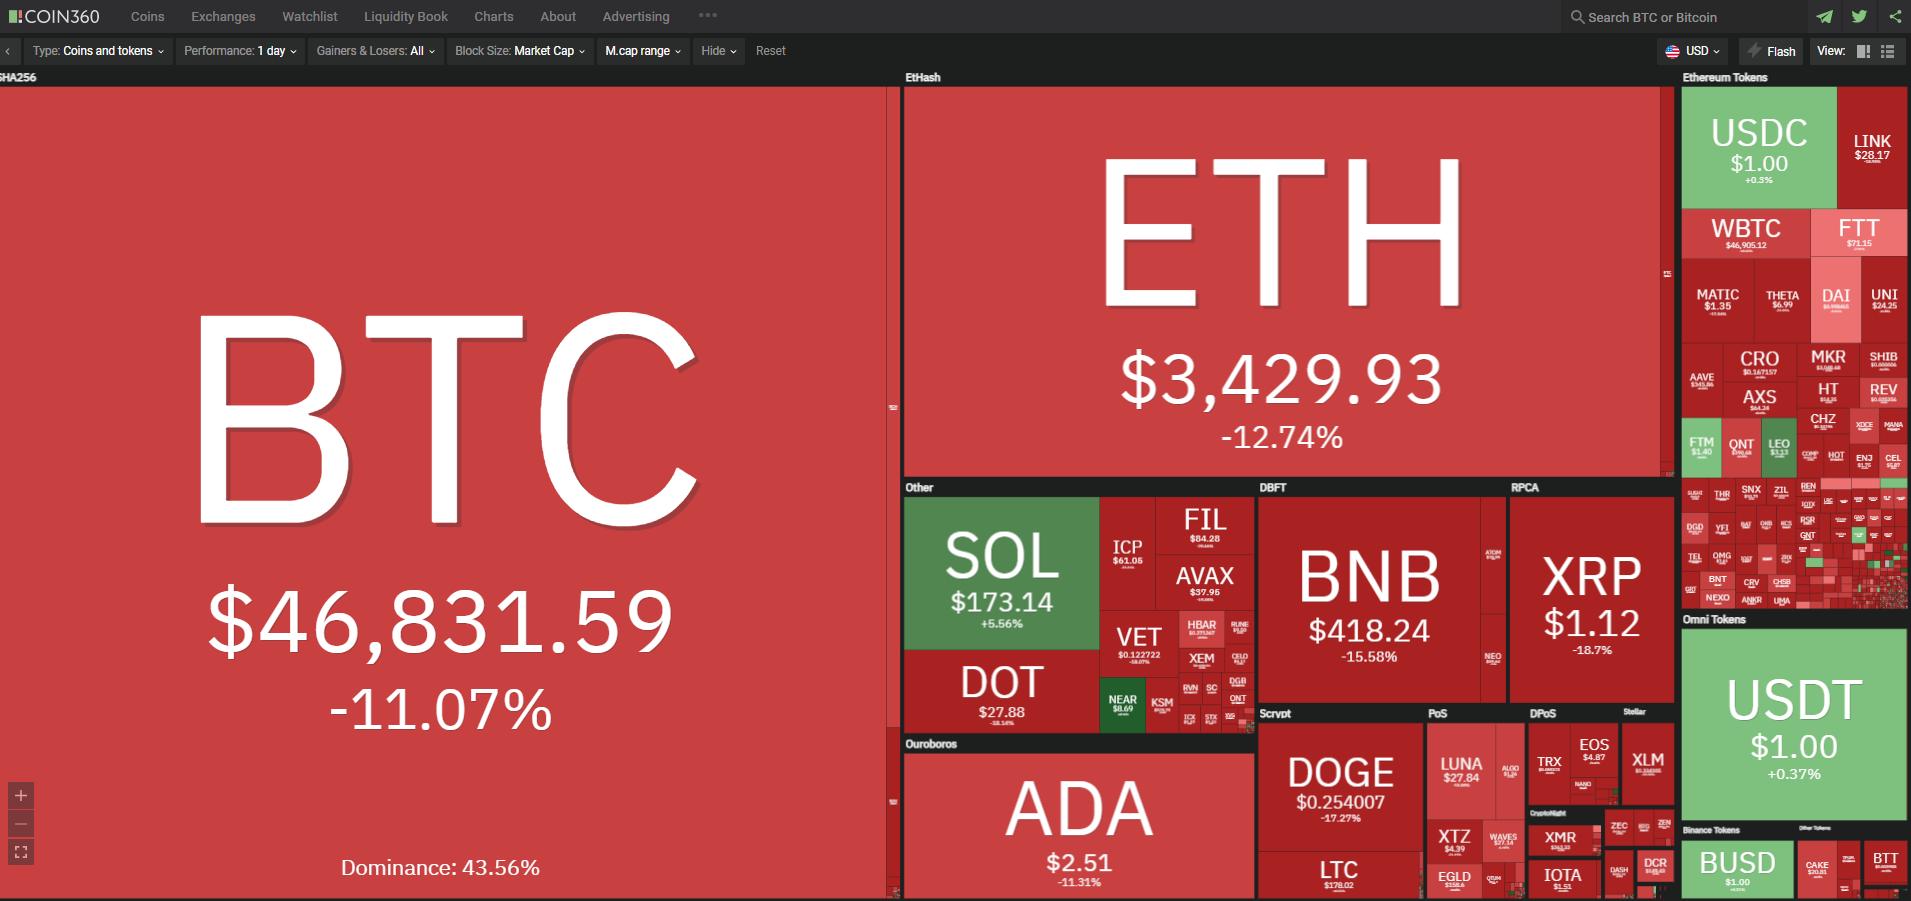 Toàn cảnh thị trường tiền kỹ thuật số hôm nay ngày 8/9/2021. (Nguồn: Coin360.com).